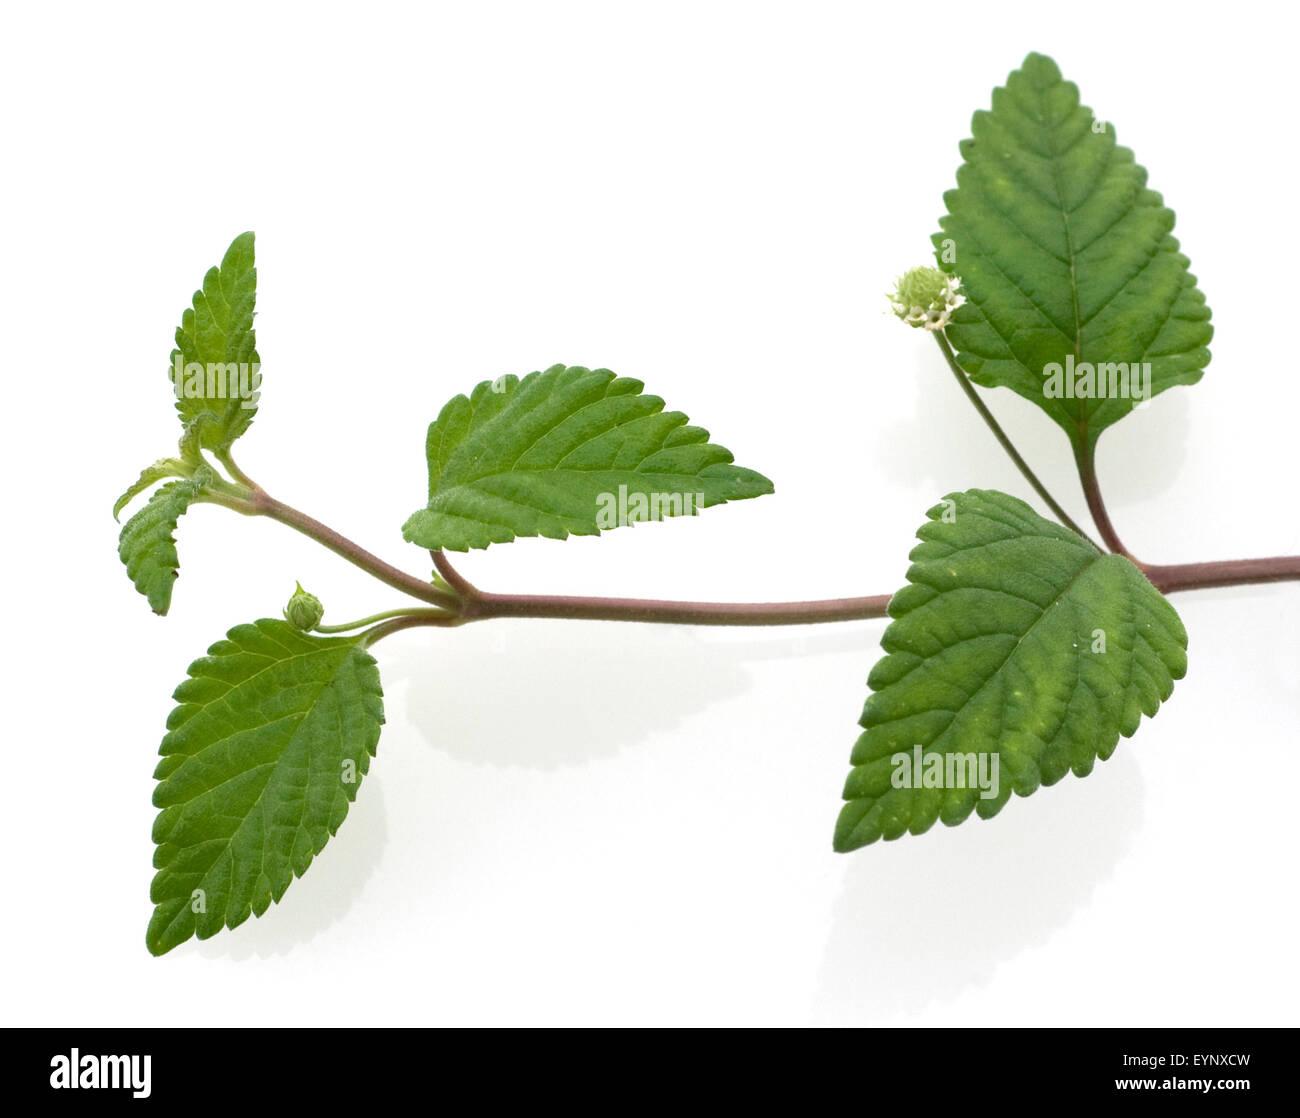 Aztekisches Suesskraut, Lippia dulcis, Stock Photo